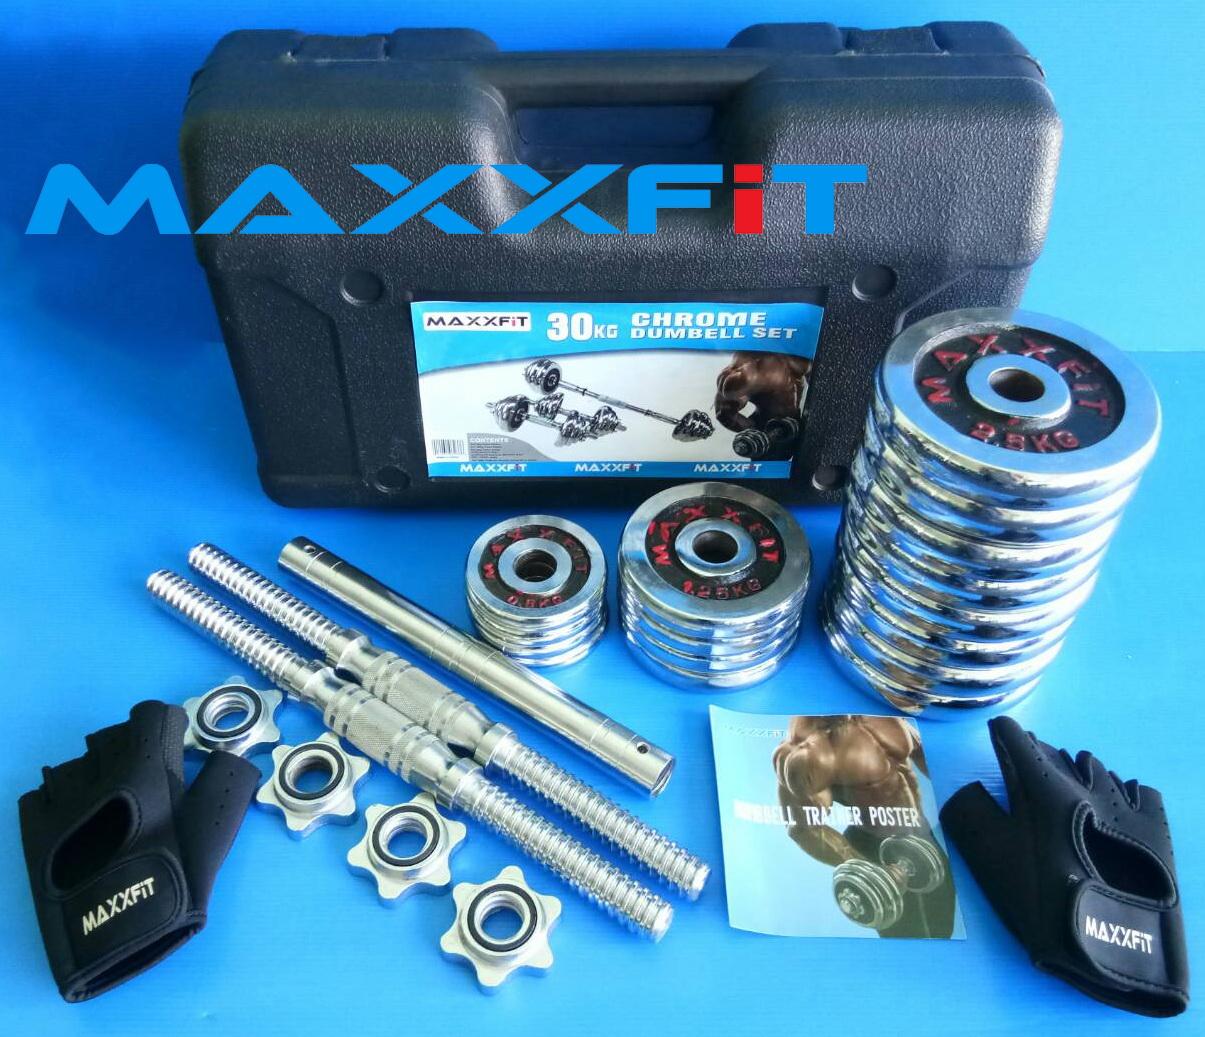 ขาย ชุดดัมเบลเหล็กชุบโครเมียม 30 KG. MAXXFiT